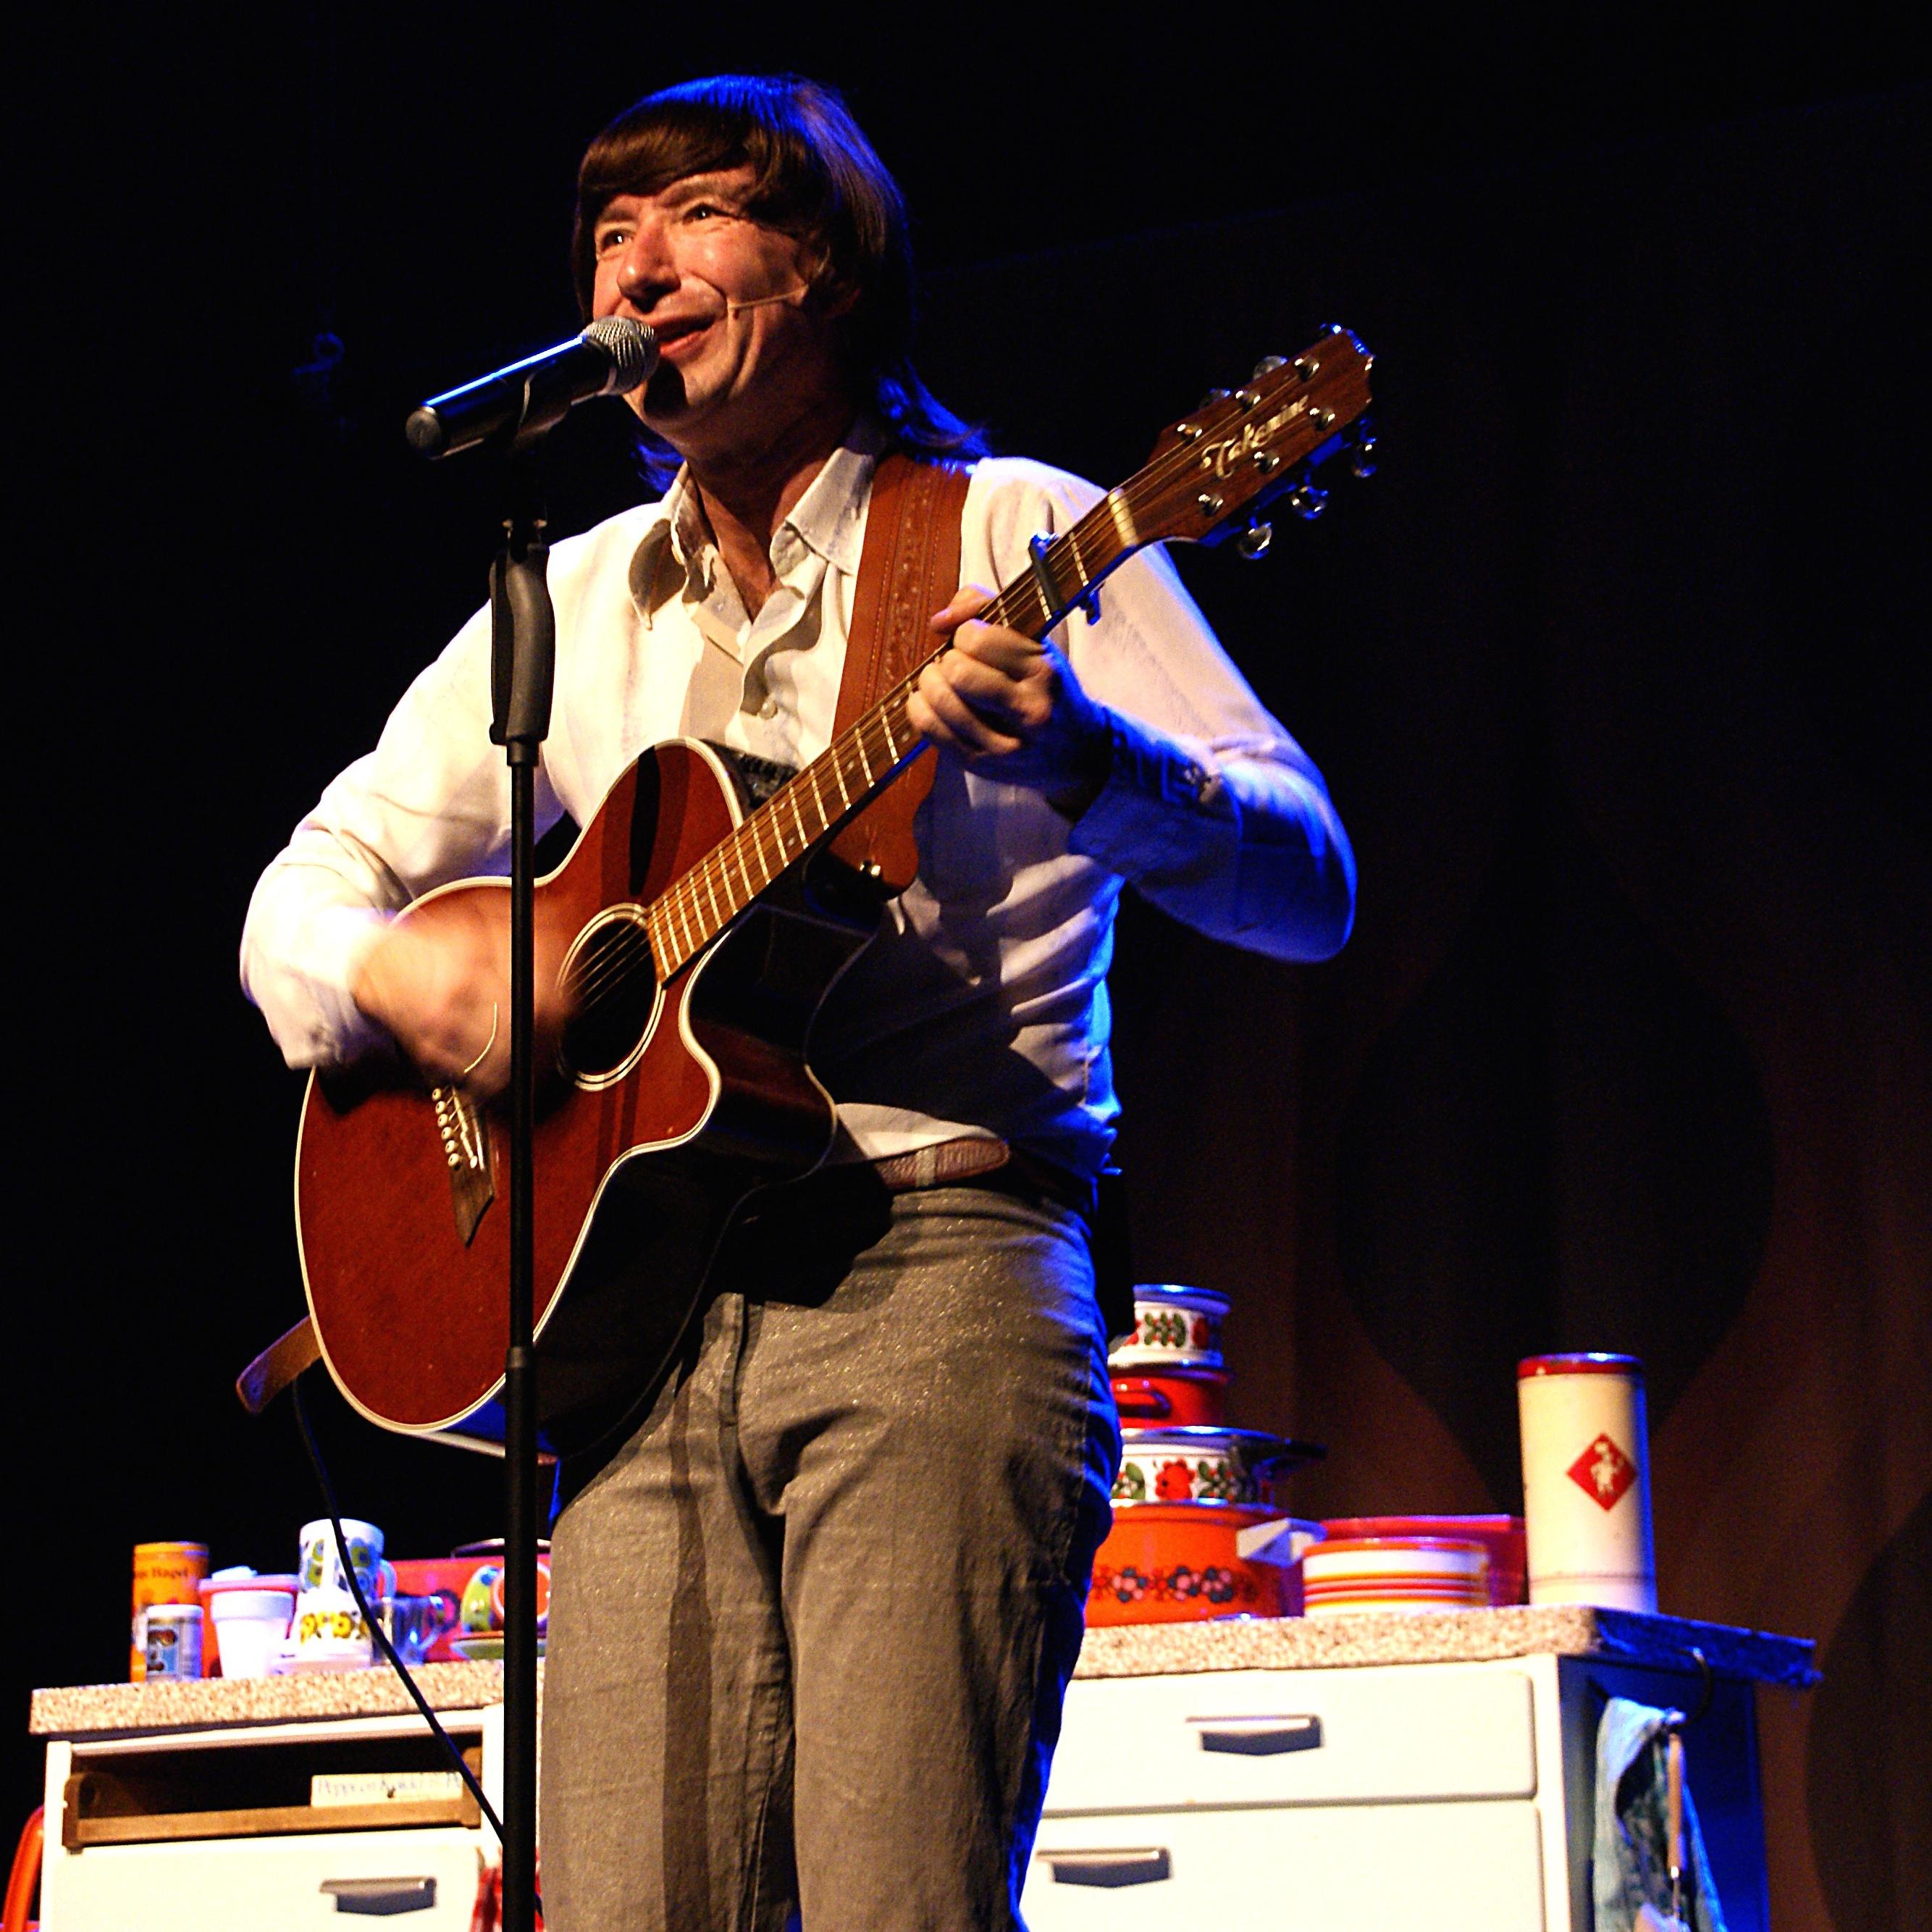 Zingen bij de Afwas - cabaret i- De Beun - vrijwilligersfeest - Heiloo